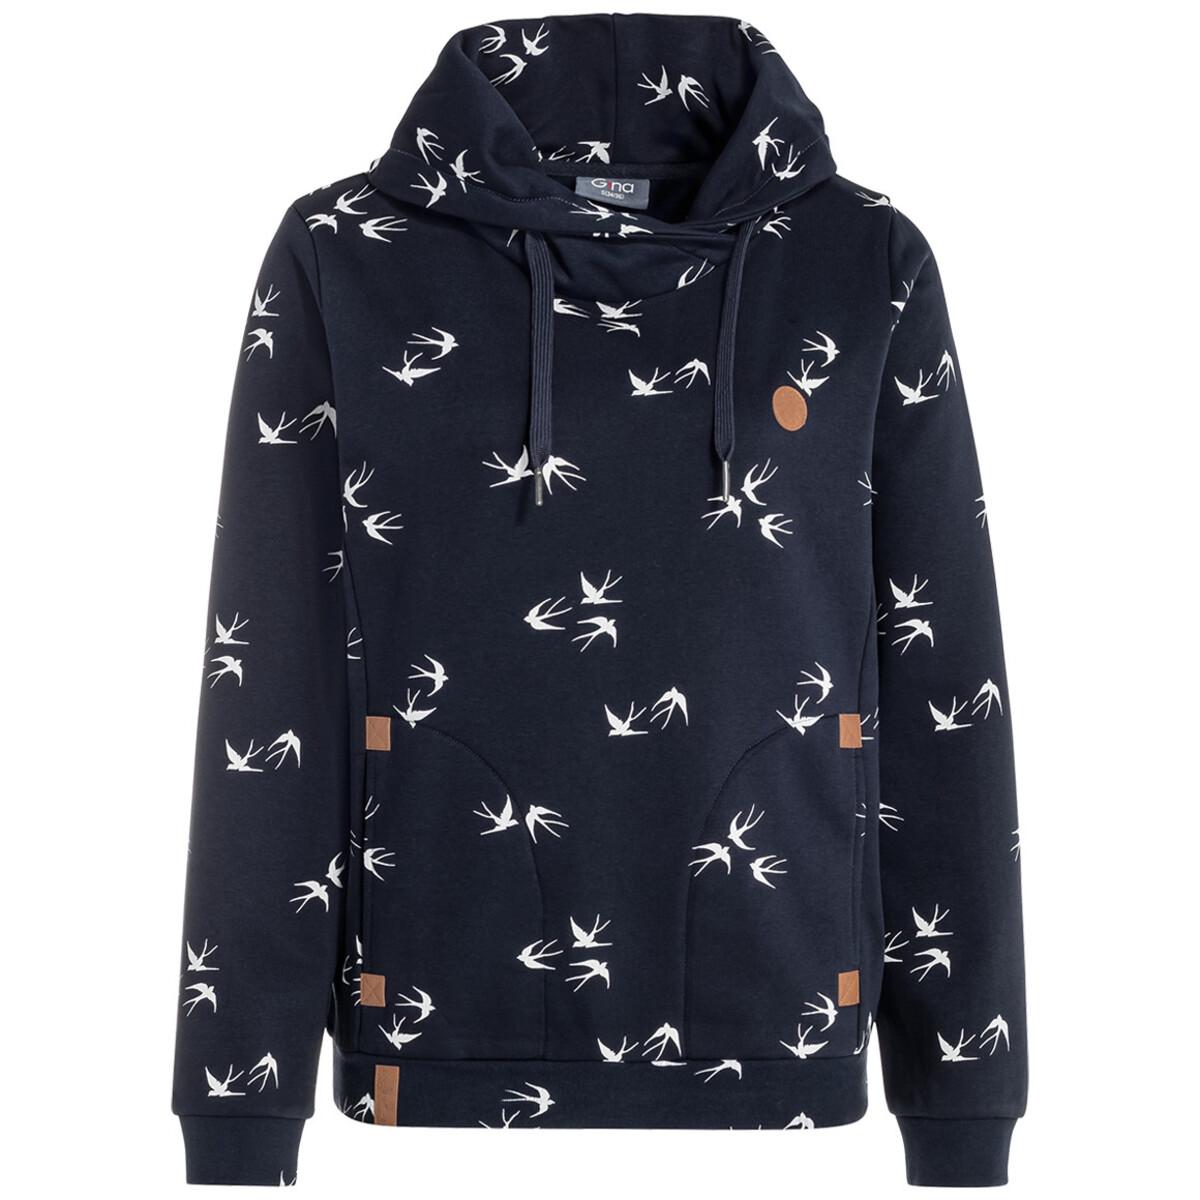 Bild 1 von Damen Sweatshirt mit Schwalben-Allover